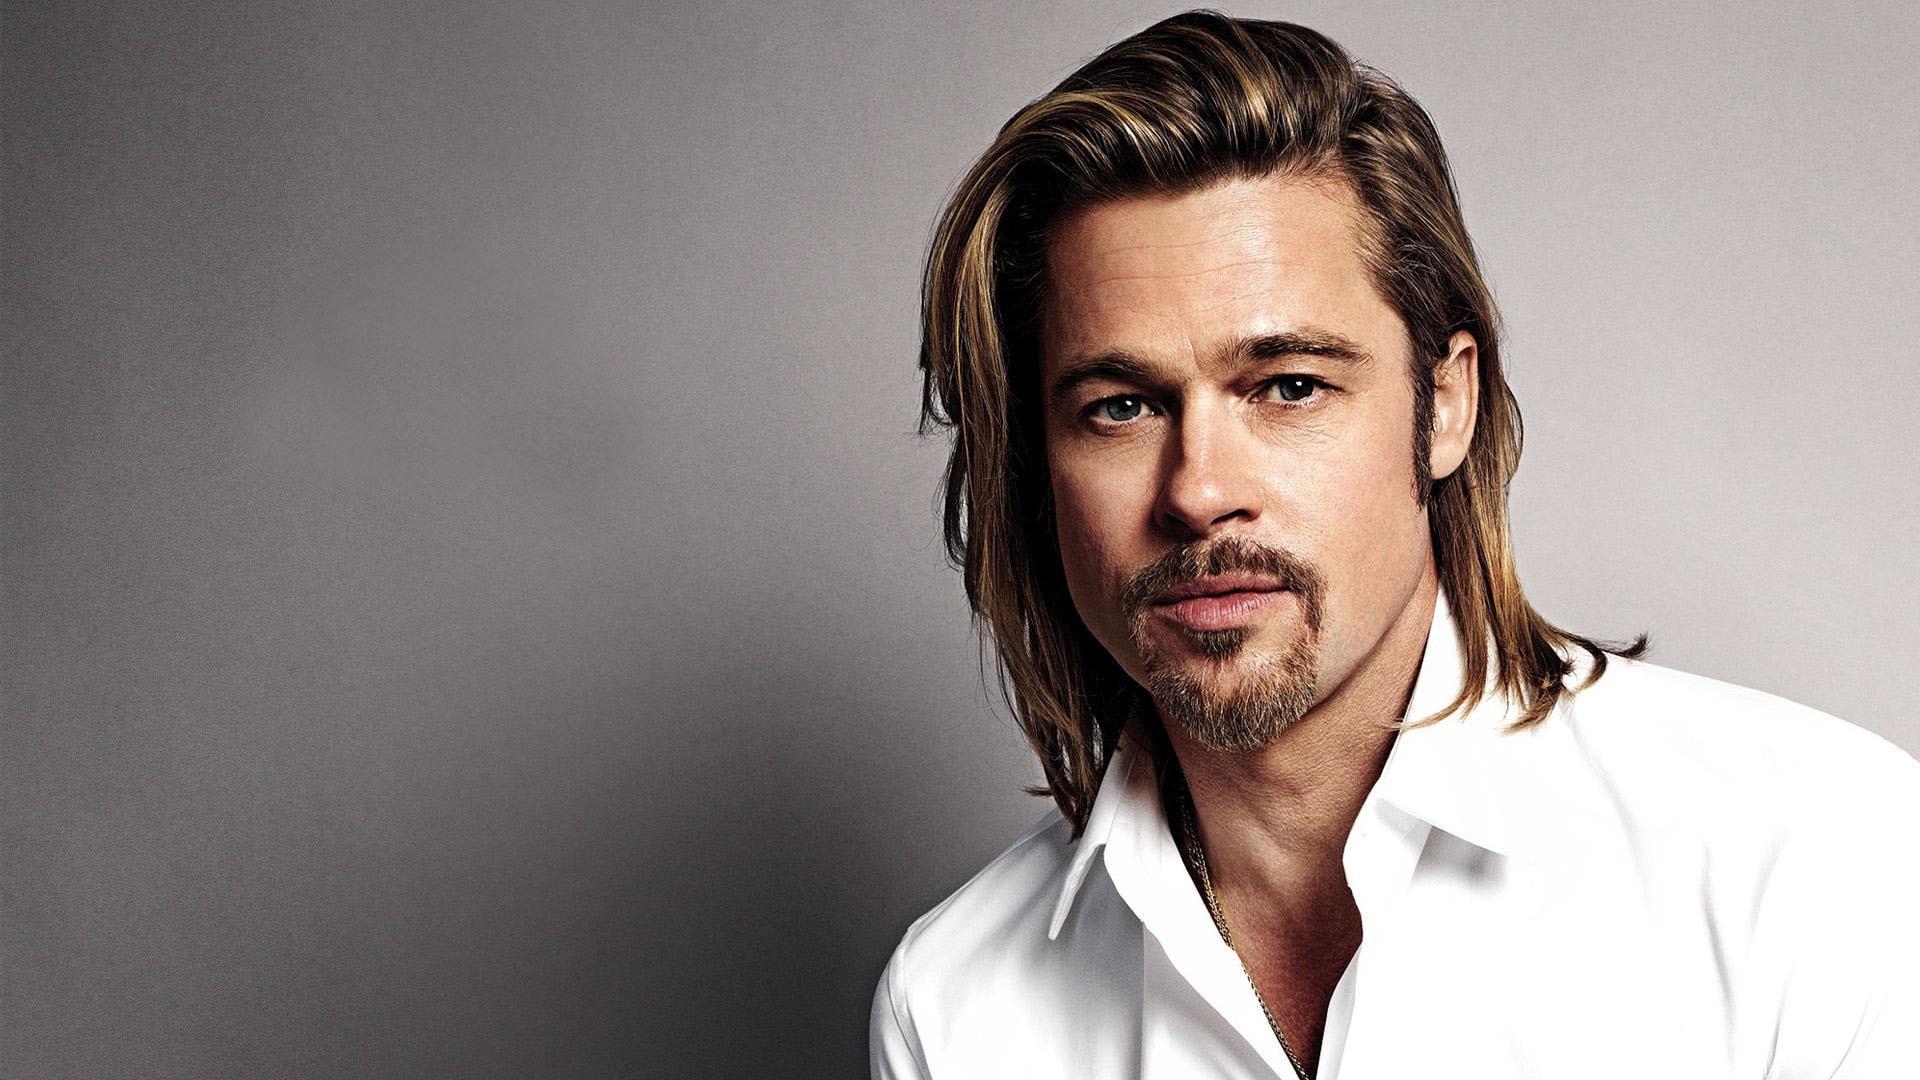 Brad Pitt Background